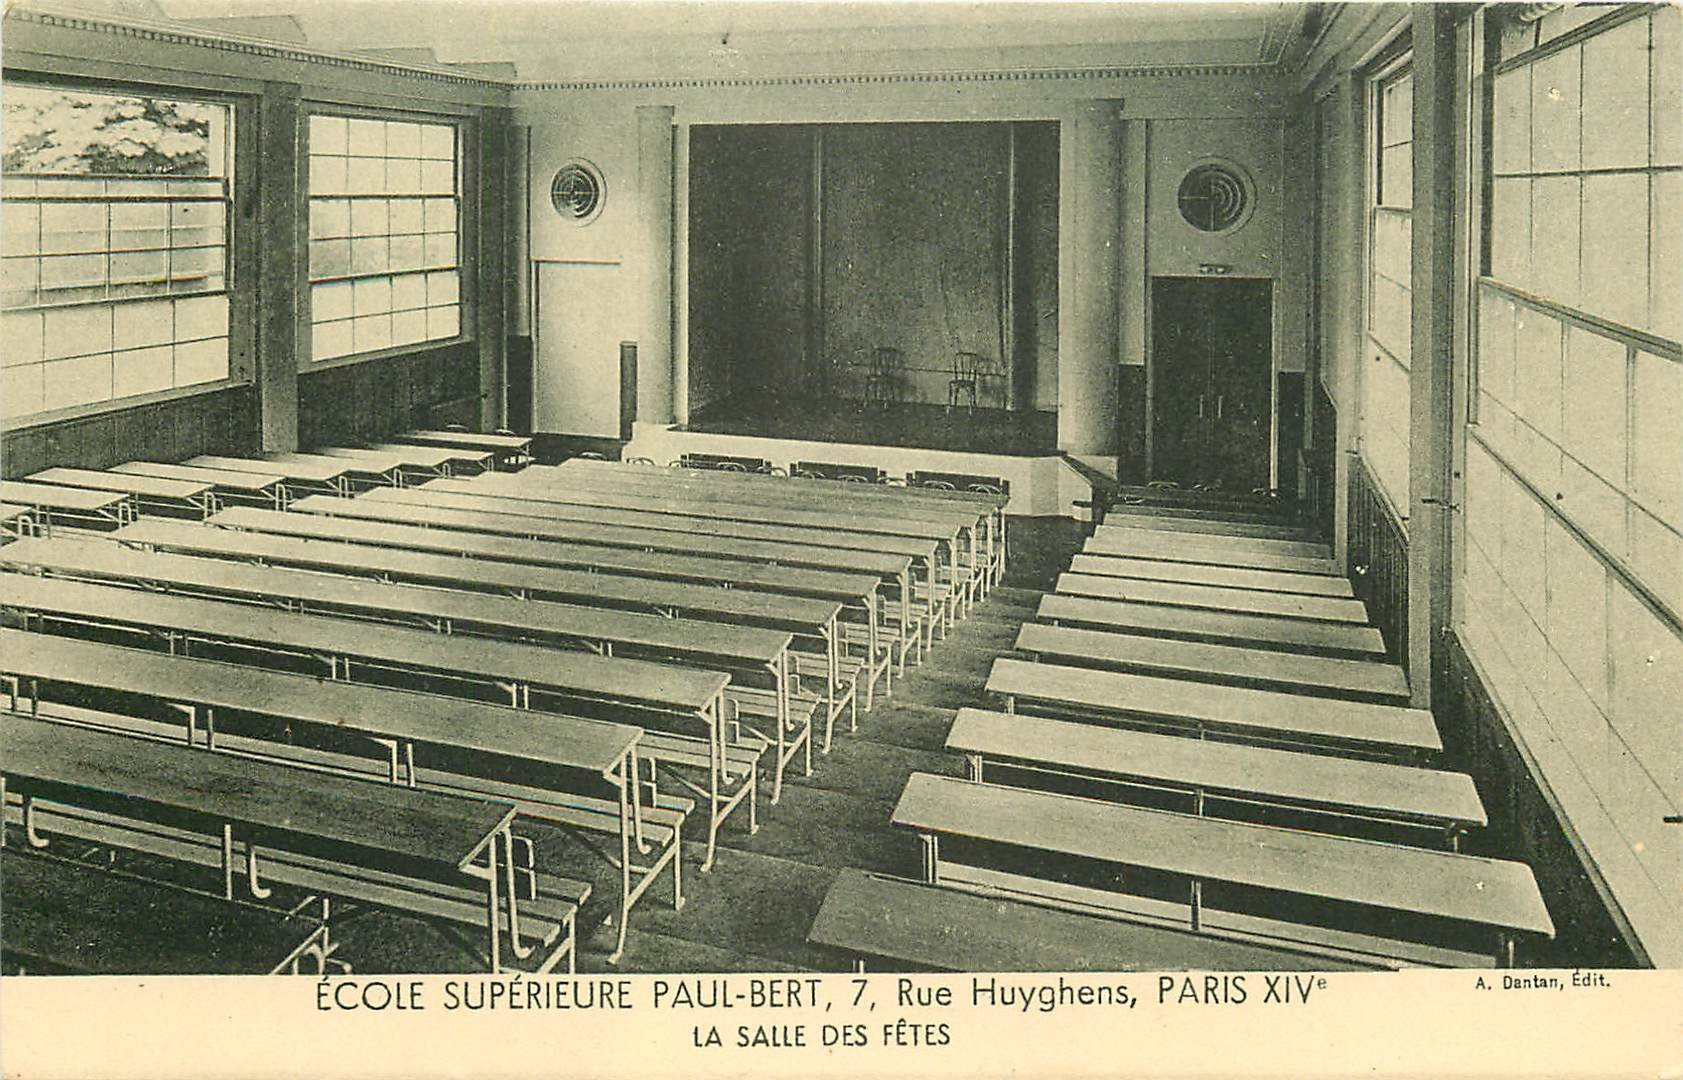 PARIS 14. Ecole Supérieure Paul-Bert 7 rue Huyghens. La Salle des Fêtes